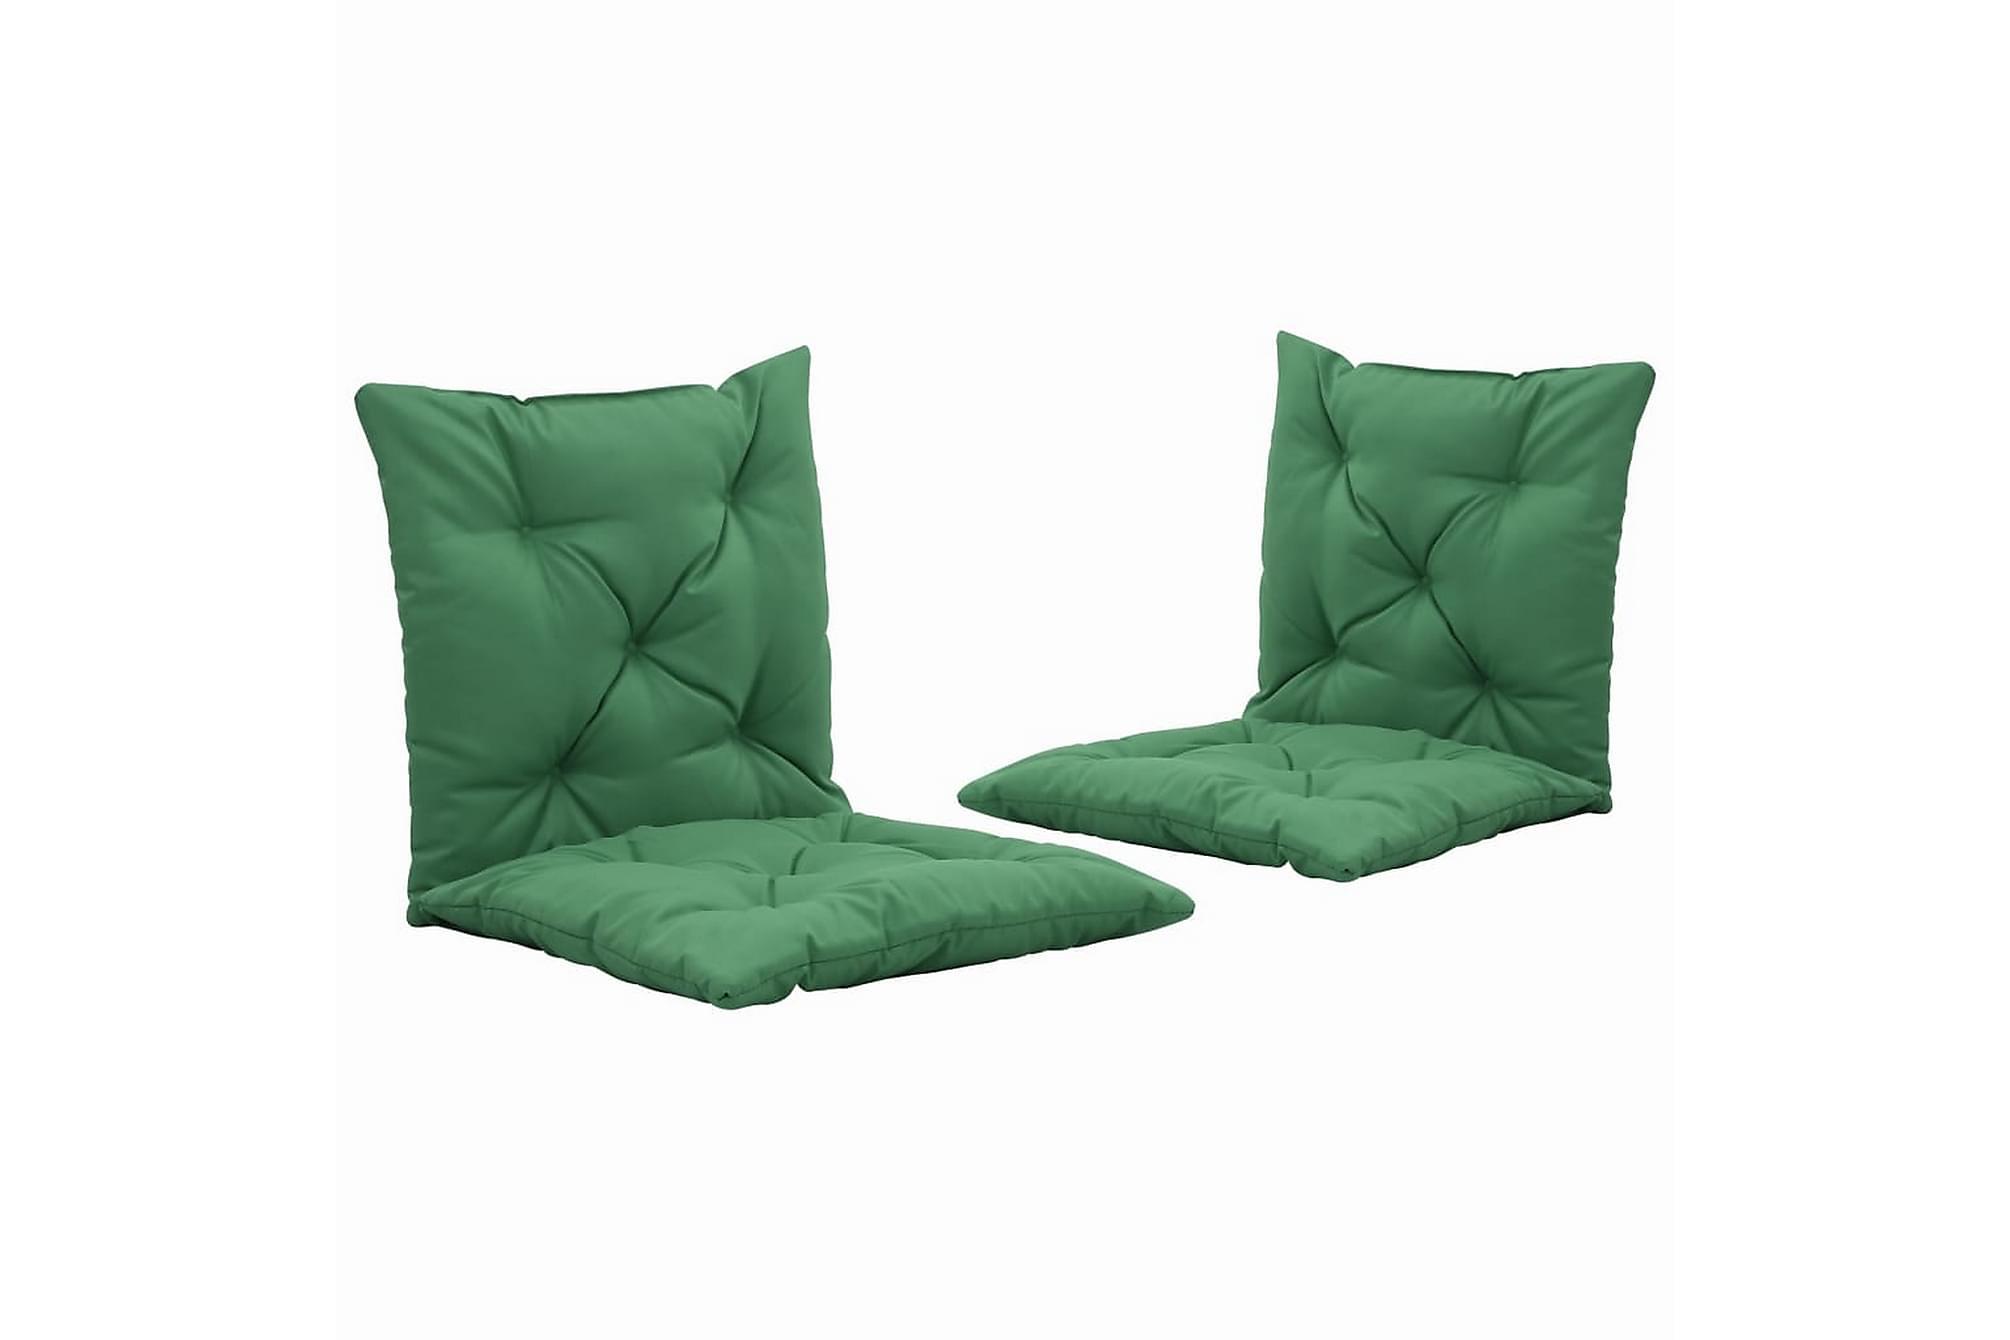 Dynor för hammock 2 st grön 50 cm, Hammockdynor